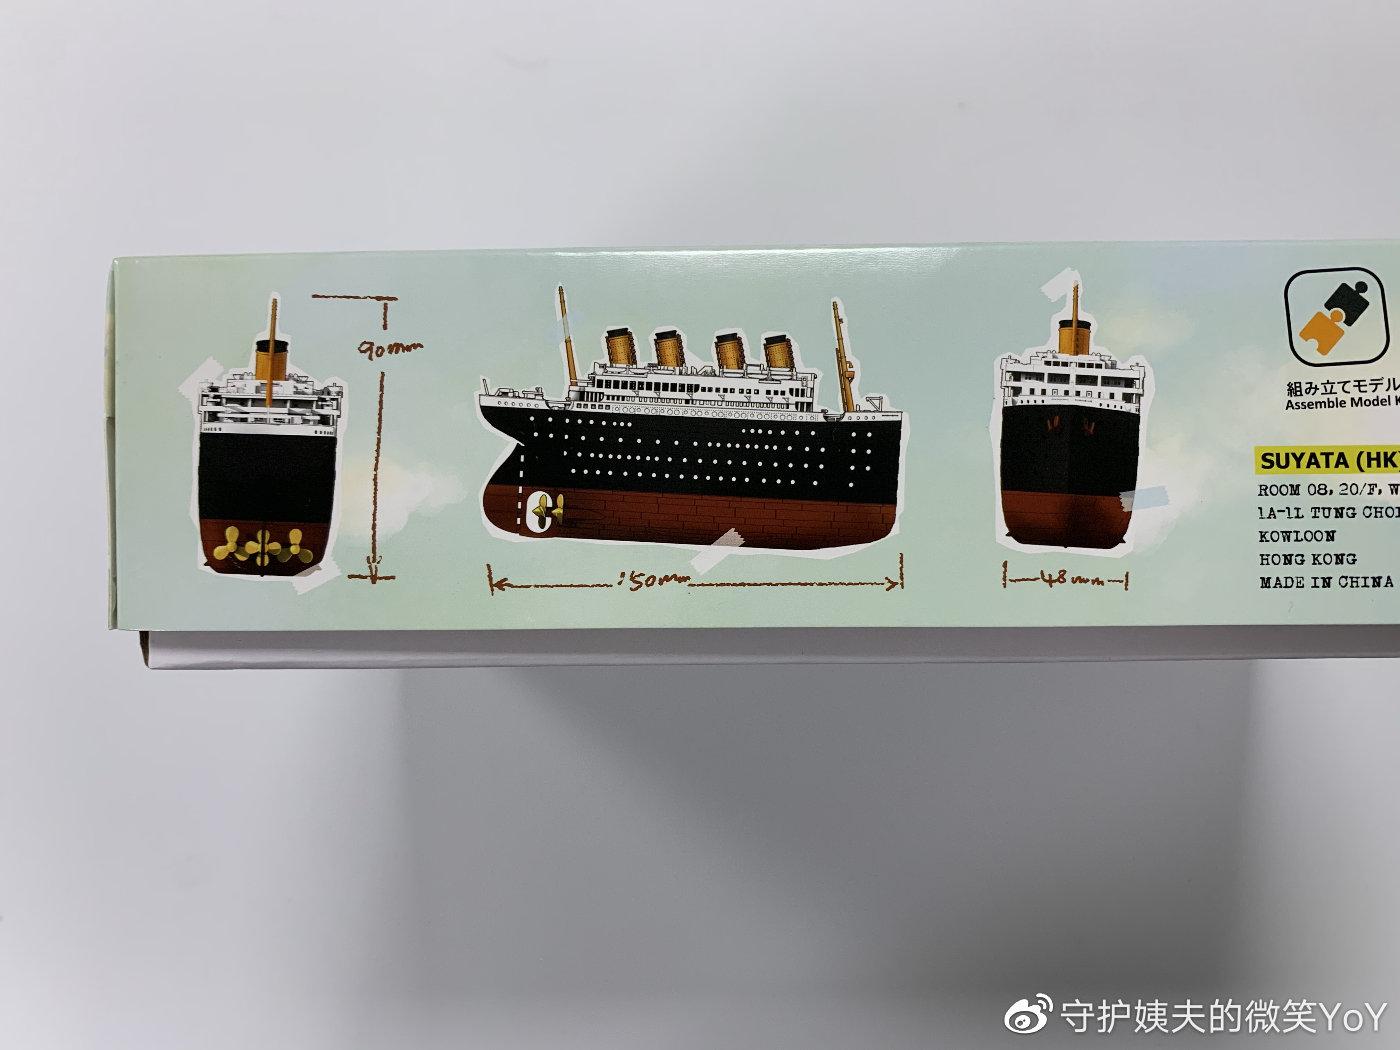 S484_2_RMS_Titanic_SOUTHAMPTON_004.jpg